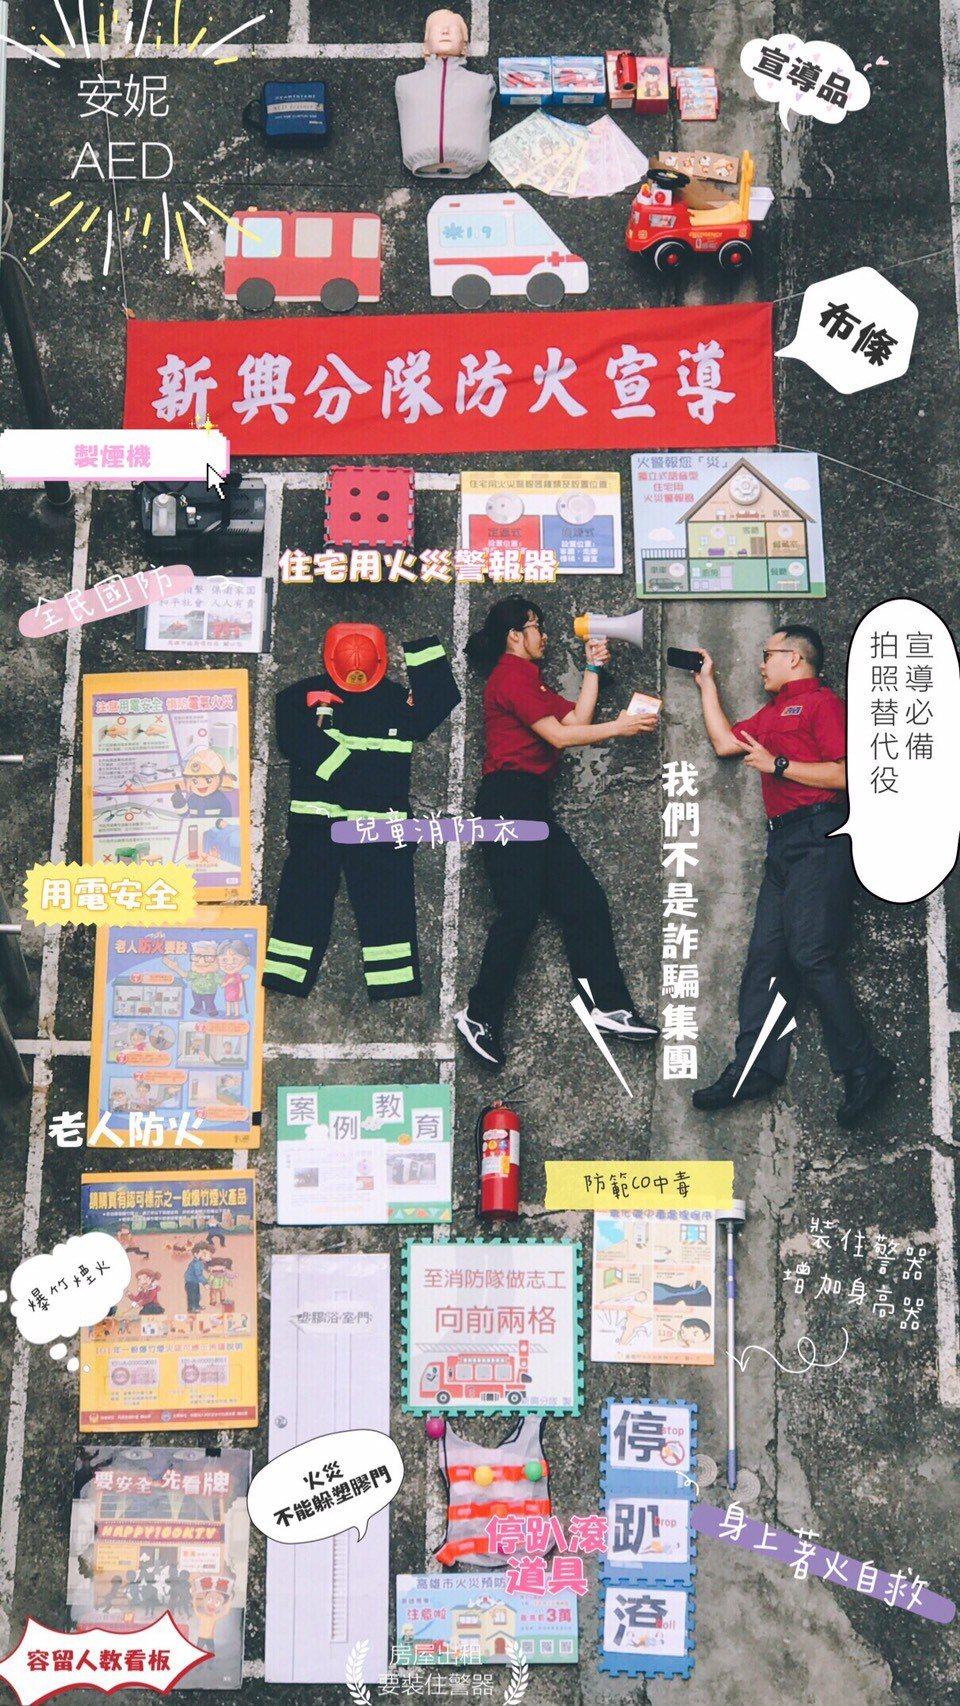 全球掀起真人開箱熱潮,消防員除打火、救災,還有預防宣導,高市消防局新興分隊跟風開...